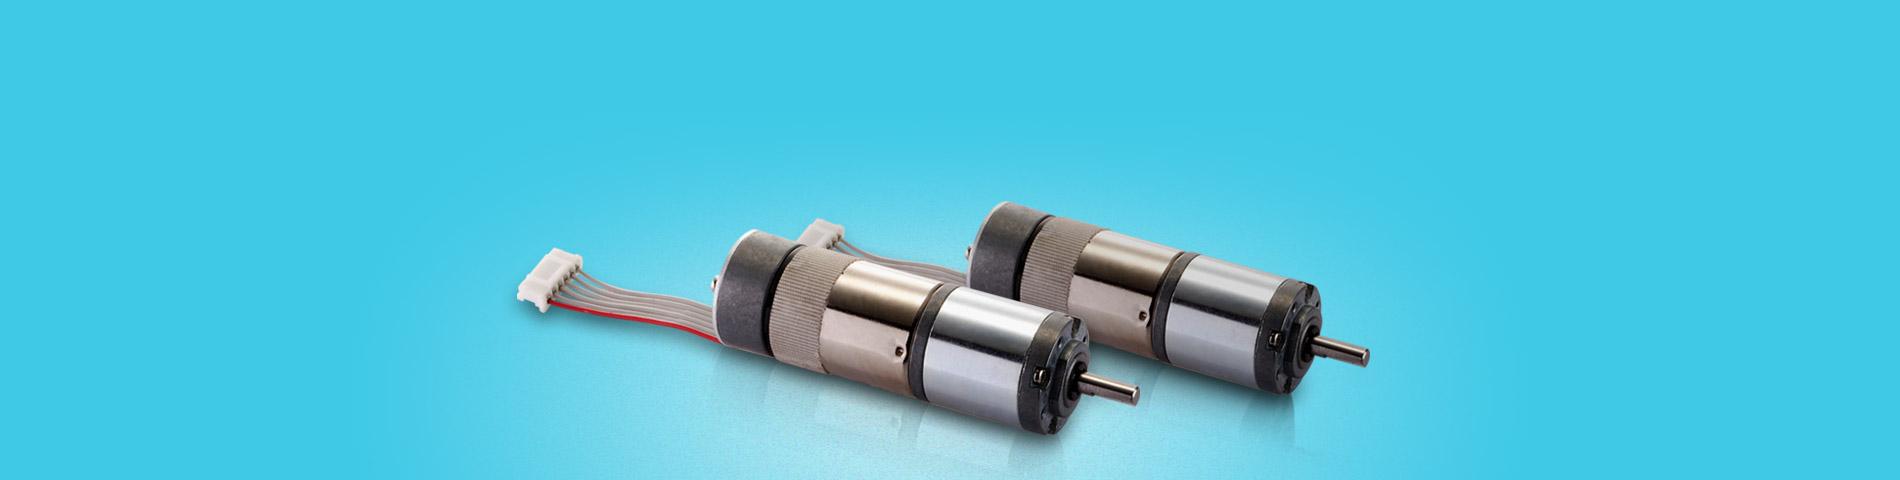 Skontaktuj się z nami, aby uzyskać więcej informacji i uzyskać odpowiedni motoreduktor aby zwiększyć wartość Twojego produktu